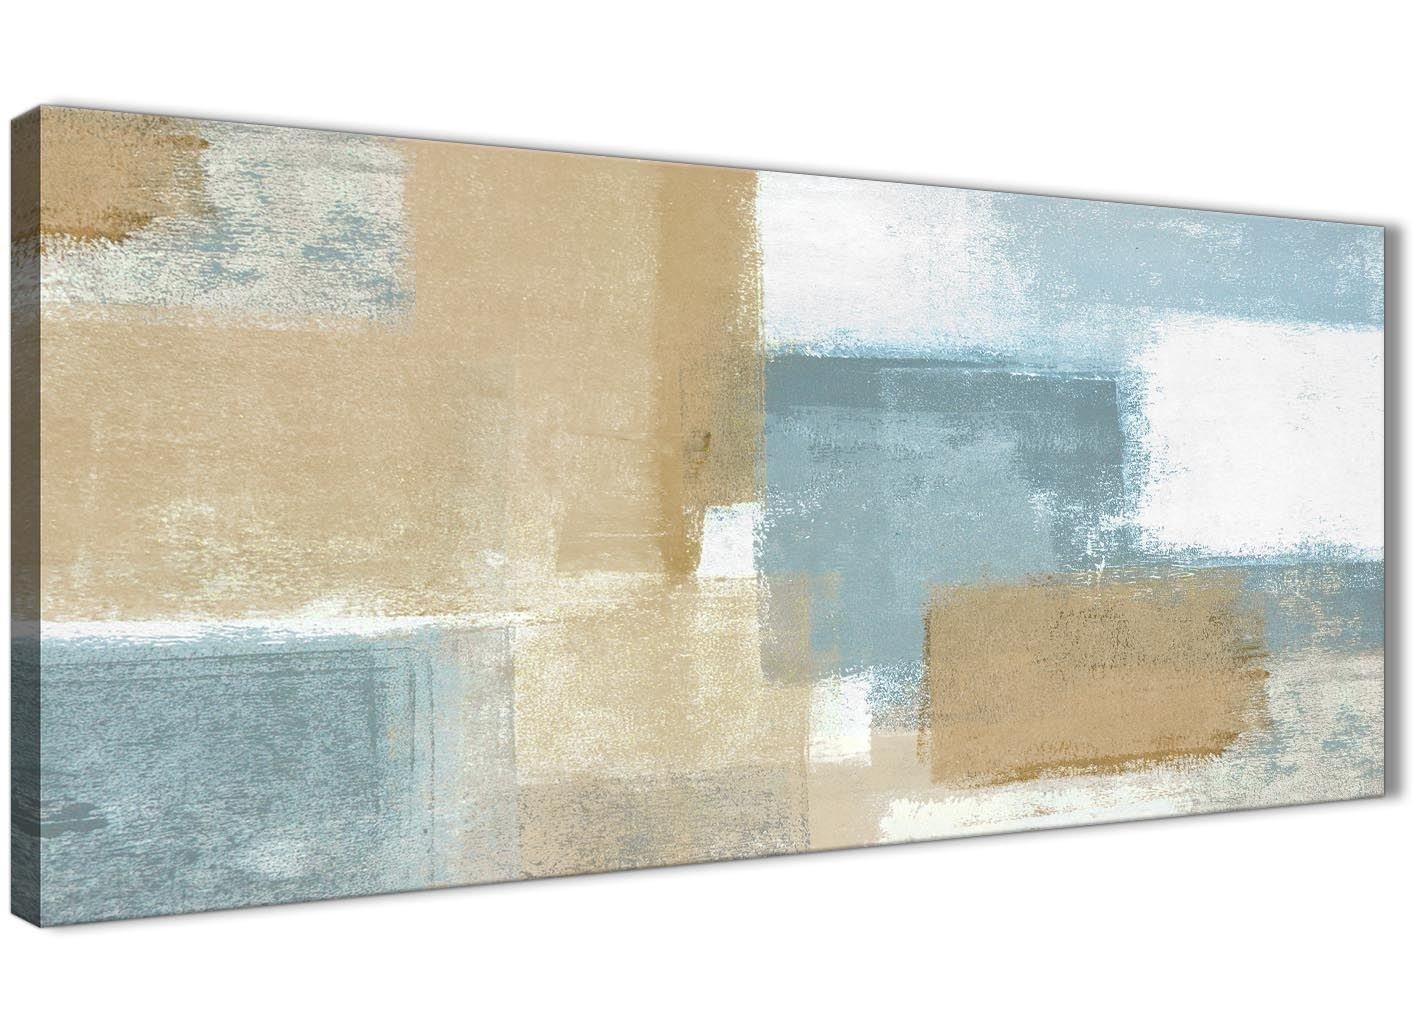 Blau Beige Braun Abstrakte Malerei Leinwand Kunstdruck–modernes 120cm breit–1350Wallfillers